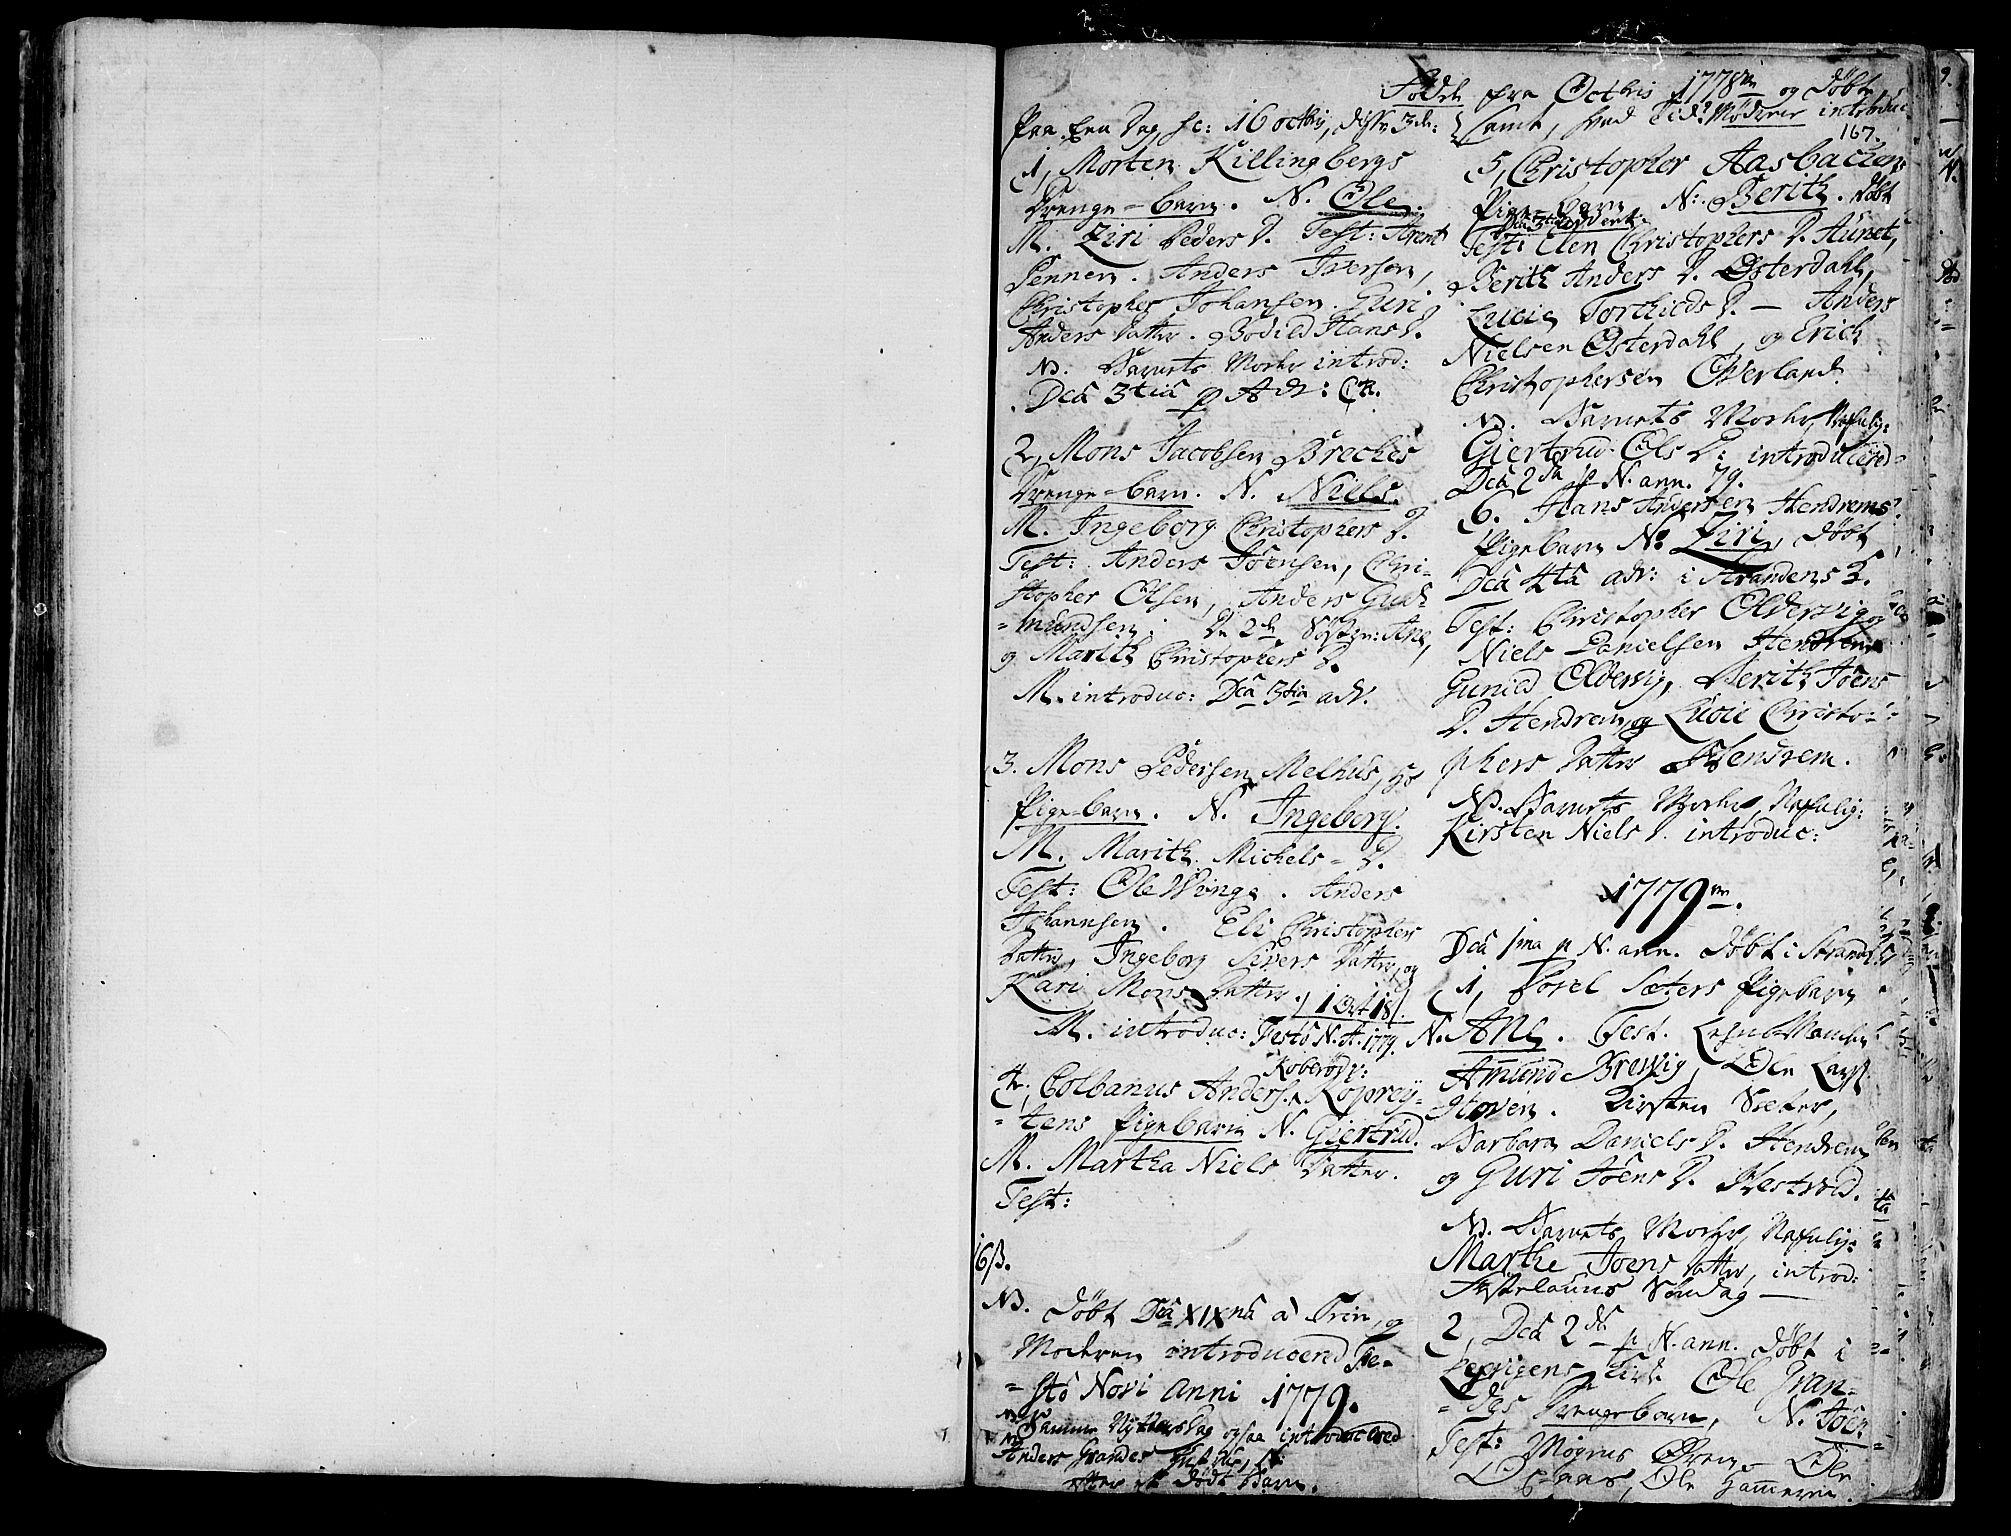 SAT, Ministerialprotokoller, klokkerbøker og fødselsregistre - Nord-Trøndelag, 701/L0003: Parish register (official) no. 701A03, 1751-1783, p. 167